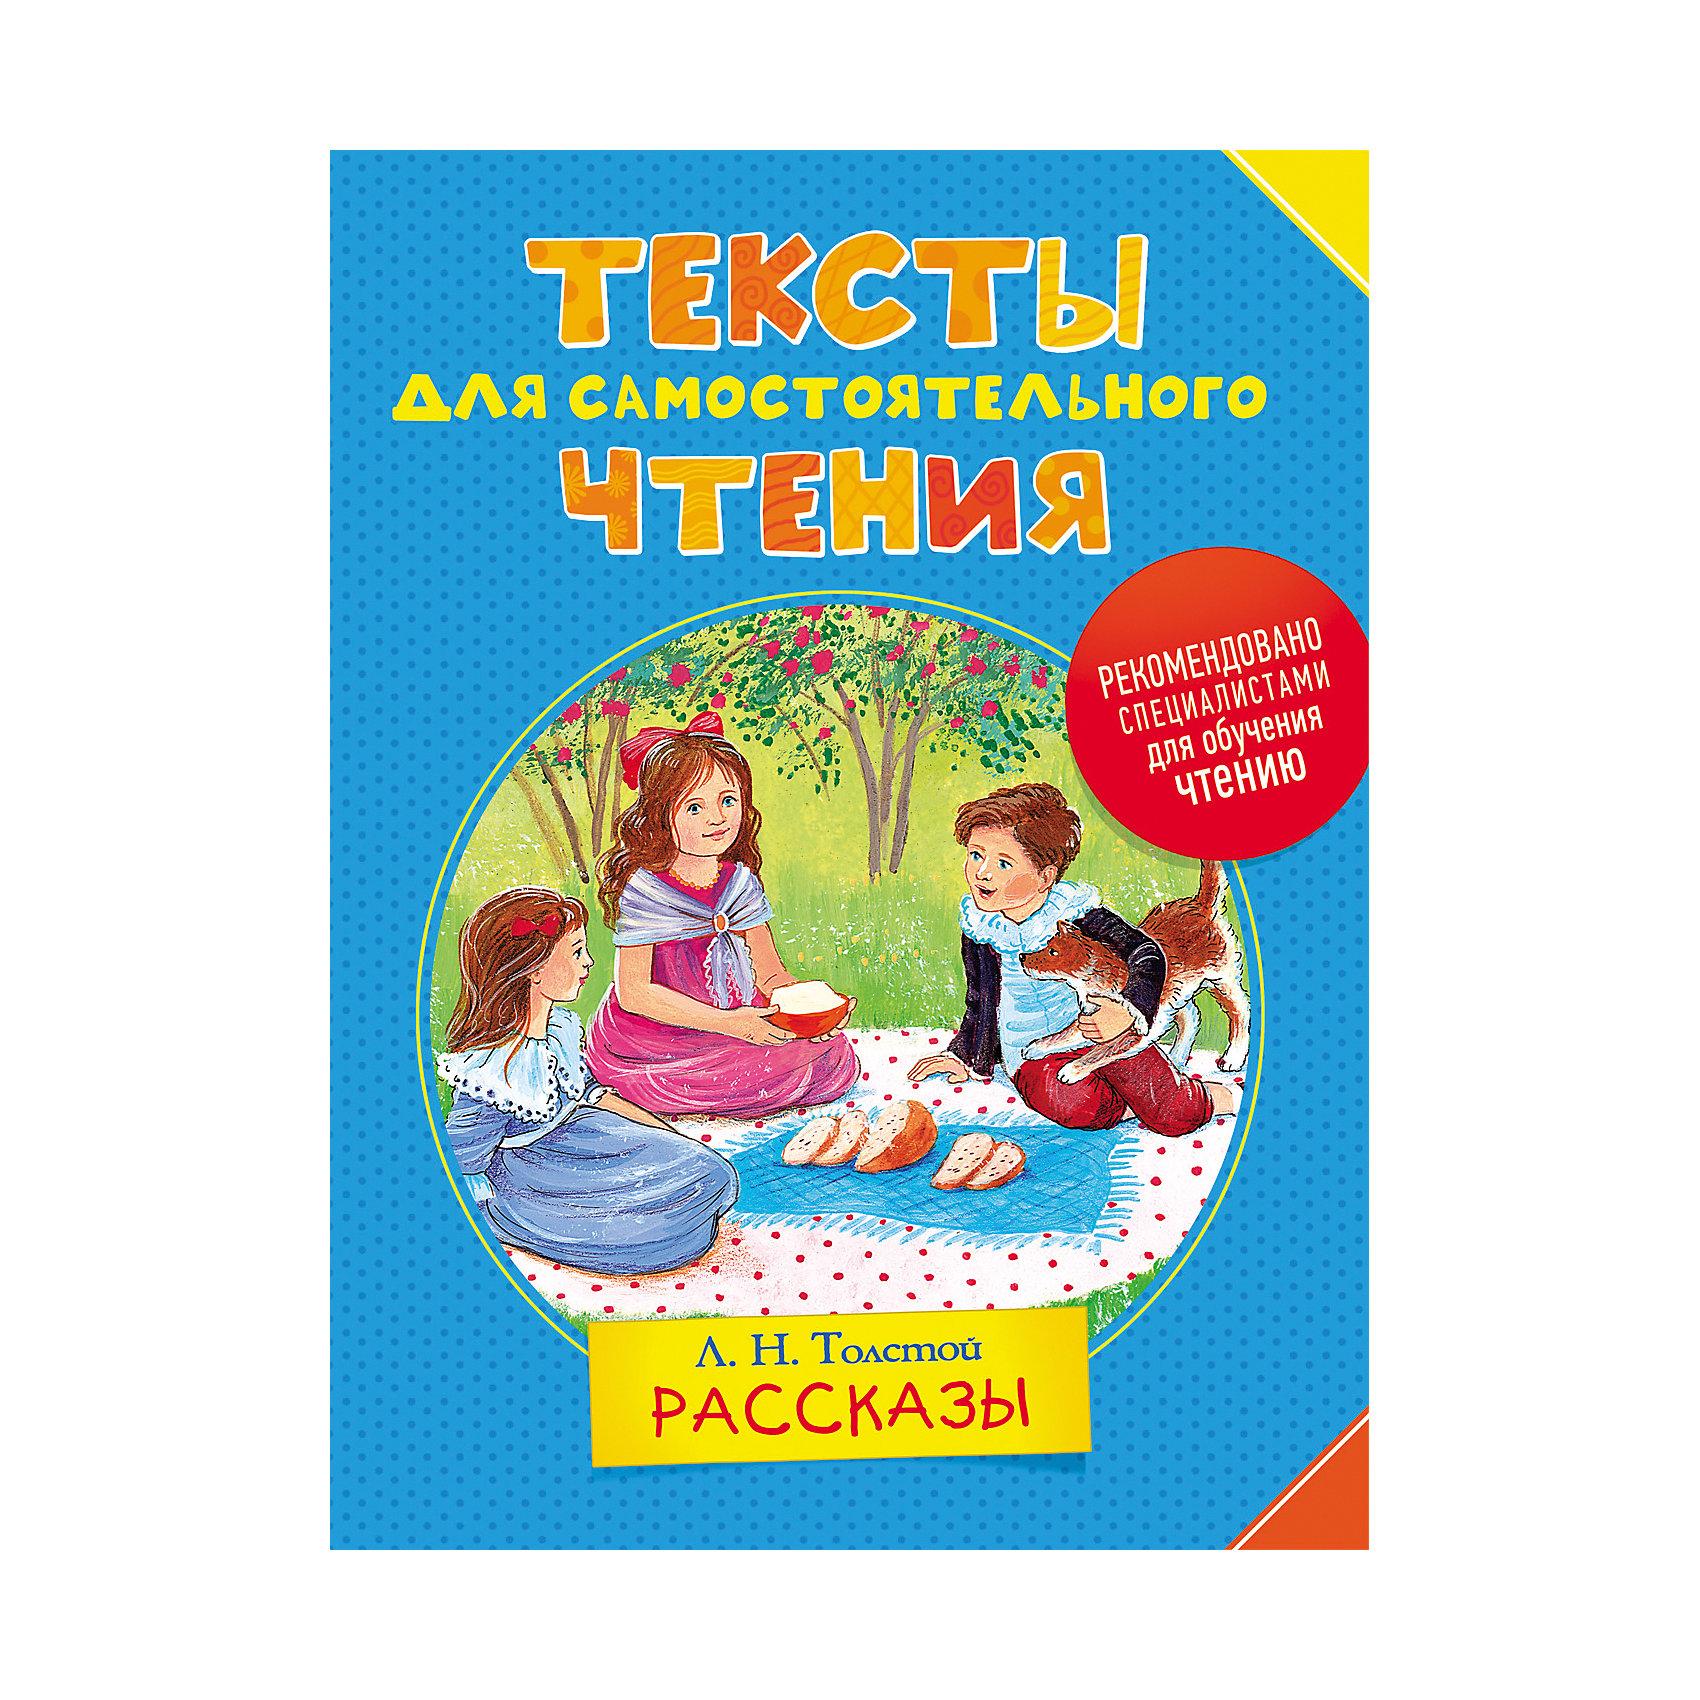 Тексты для самостоятельного чтения. Л.Н. ТолстойХарактеристики товара:<br><br>- цвет: разноцветный;<br>- материал: бумага;<br>- страниц: 40;<br>- формат: 22 х 28 см;<br>- обложка: твердая;<br>- цветные иллюстрации.<br><br>Это проработанное развивающее издание станет отличным подарком для родителей и ребенка. Оно содержит в себе короткие тексты, которые помогут ребенку подготовиться к школе. Простые интересные рассказы, написанные крупным шрифтом и понятным языком и дополненные яркими картинками помогут привить любовь к учебе!<br>Такое чтение помогает ребенку развивать нужные навки, зрительную память, концентрацию внимания и воображение. Издание произведено из качественных материалов, которые безопасны даже для самых маленьких.<br><br>Издание Тексты для самостоятельного чтения. Л.Н. Толстой от компании Росмэн можно купить в нашем интернет-магазине.<br><br>Ширина мм: 282<br>Глубина мм: 218<br>Высота мм: 7<br>Вес г: 311<br>Возраст от месяцев: 60<br>Возраст до месяцев: 84<br>Пол: Унисекс<br>Возраст: Детский<br>SKU: 5110181